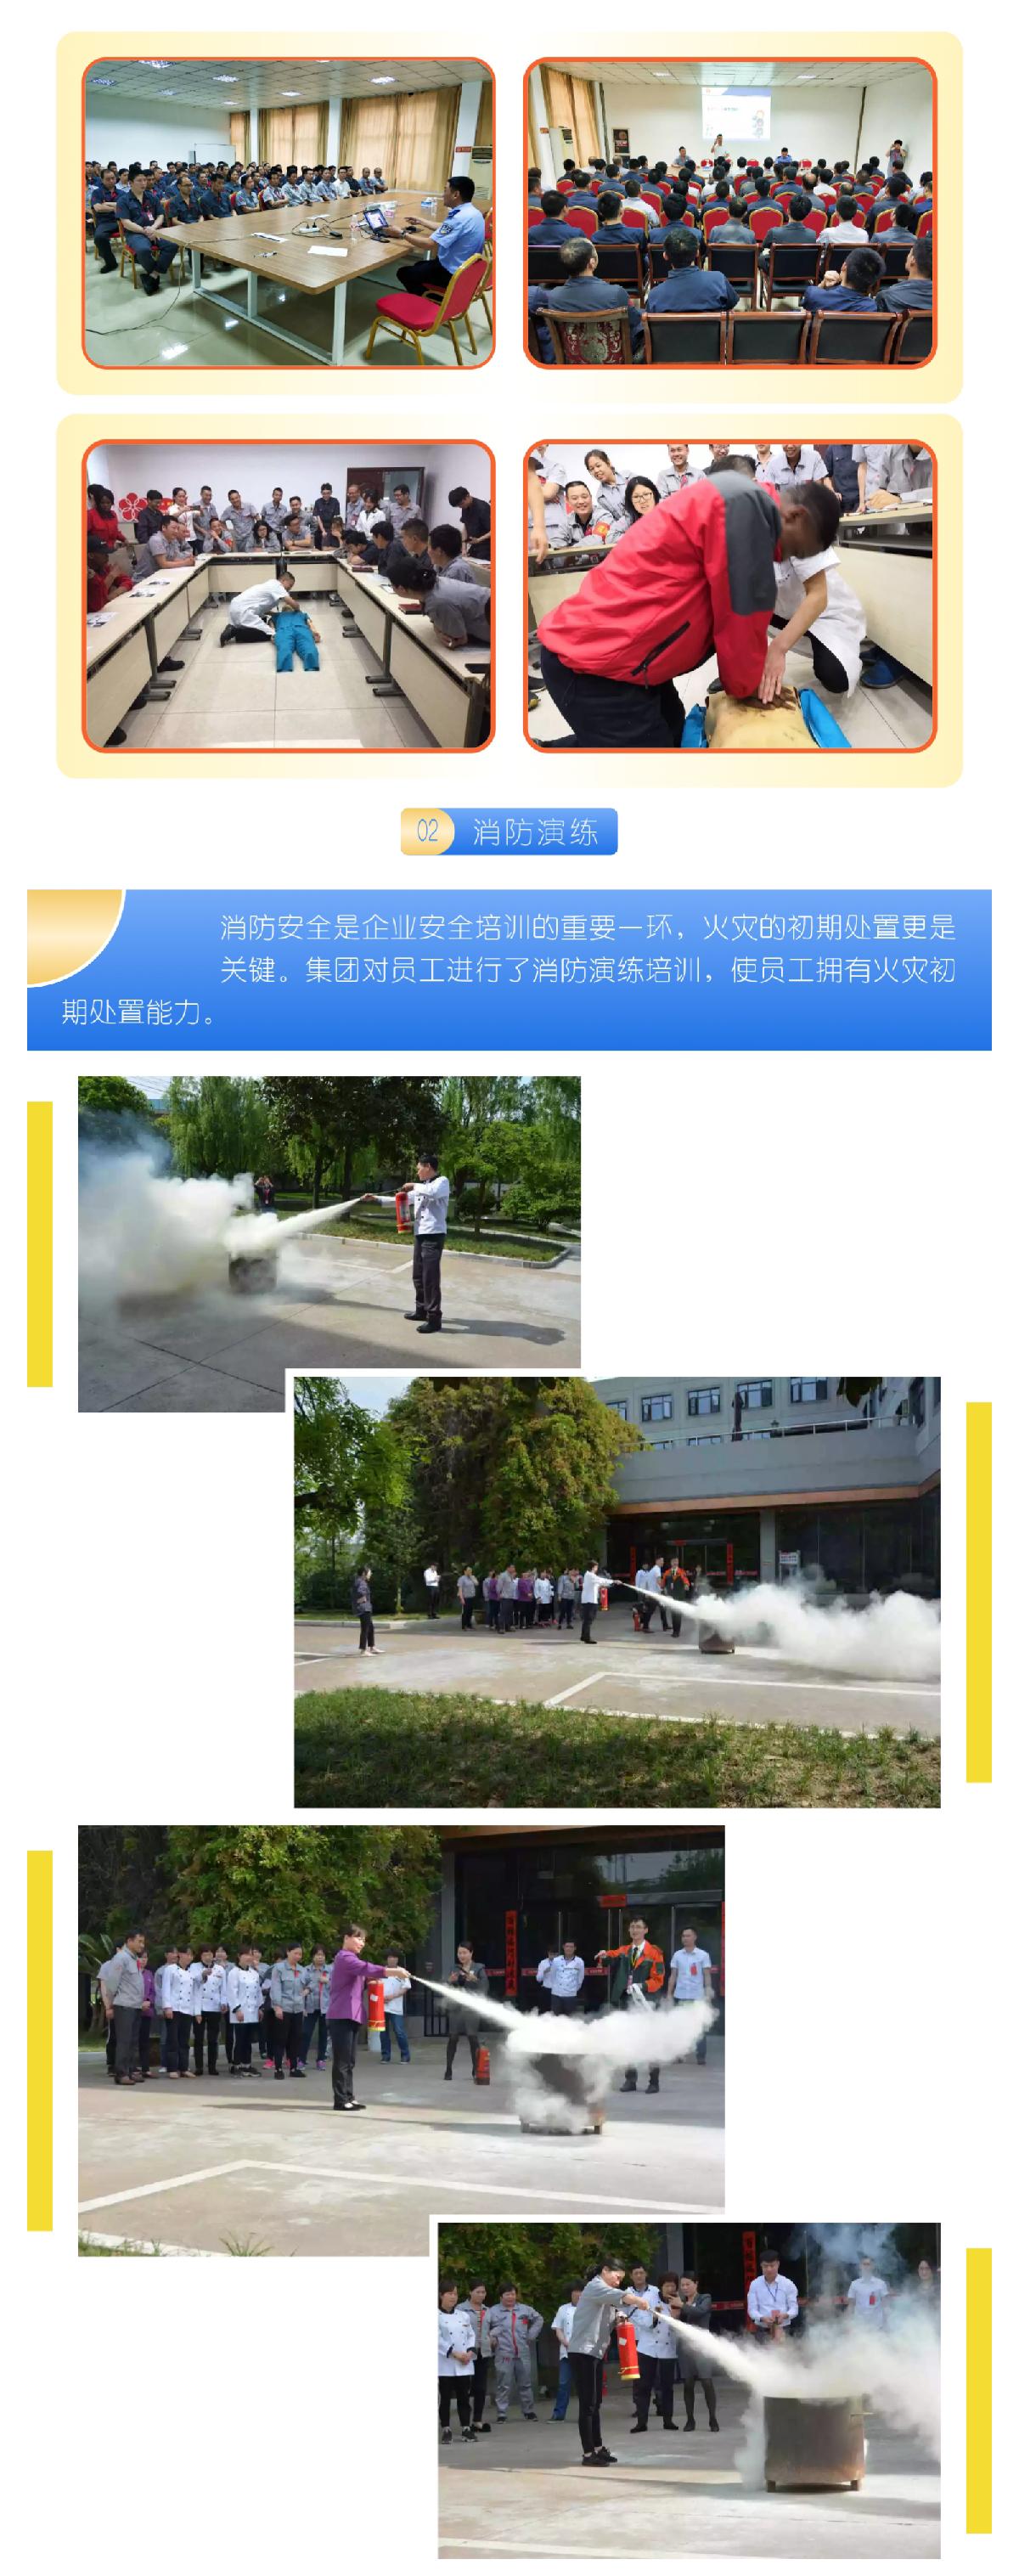 Screenshot_20191220_084834_com.tencent_03